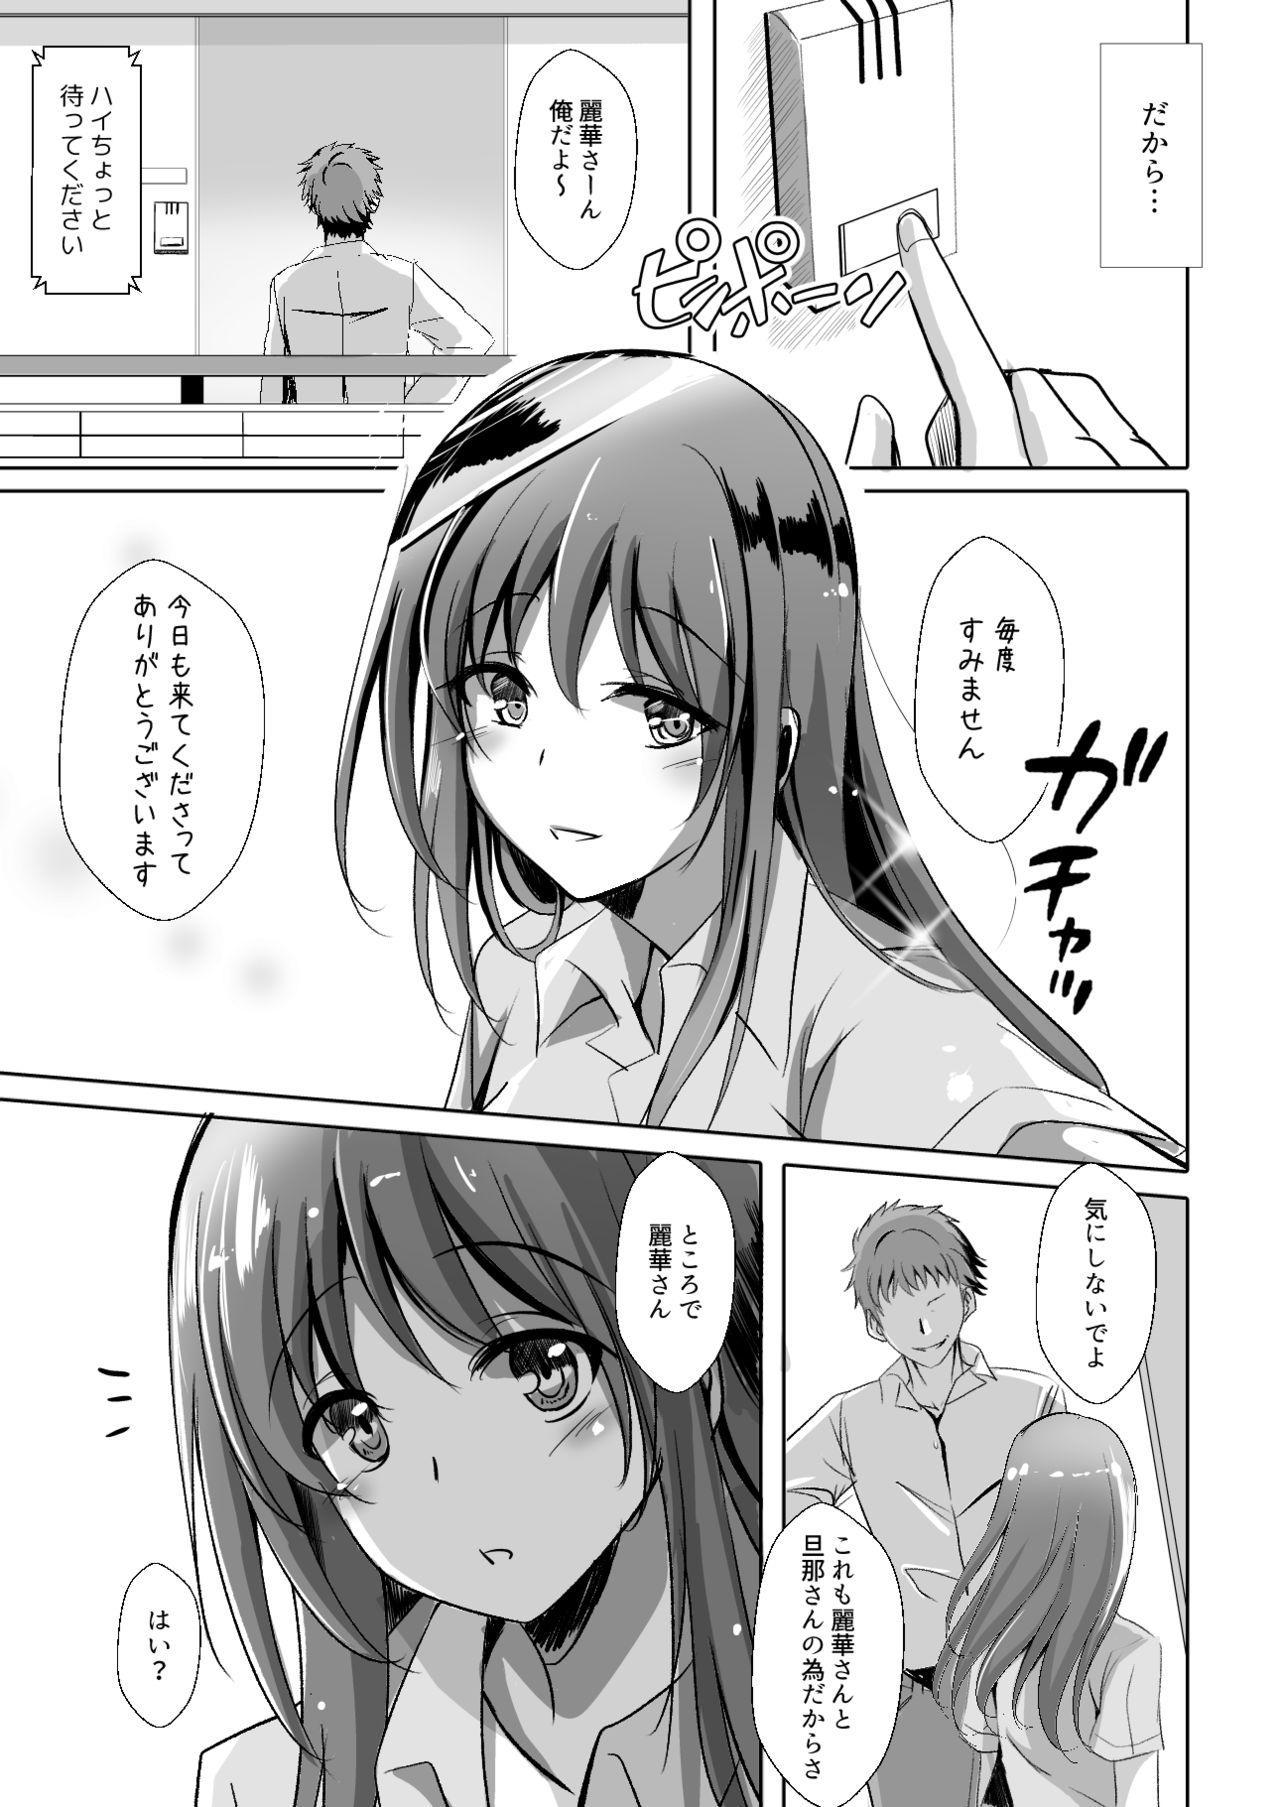 Hitozuma o Saimin Ecchi de Haramaseru made 4